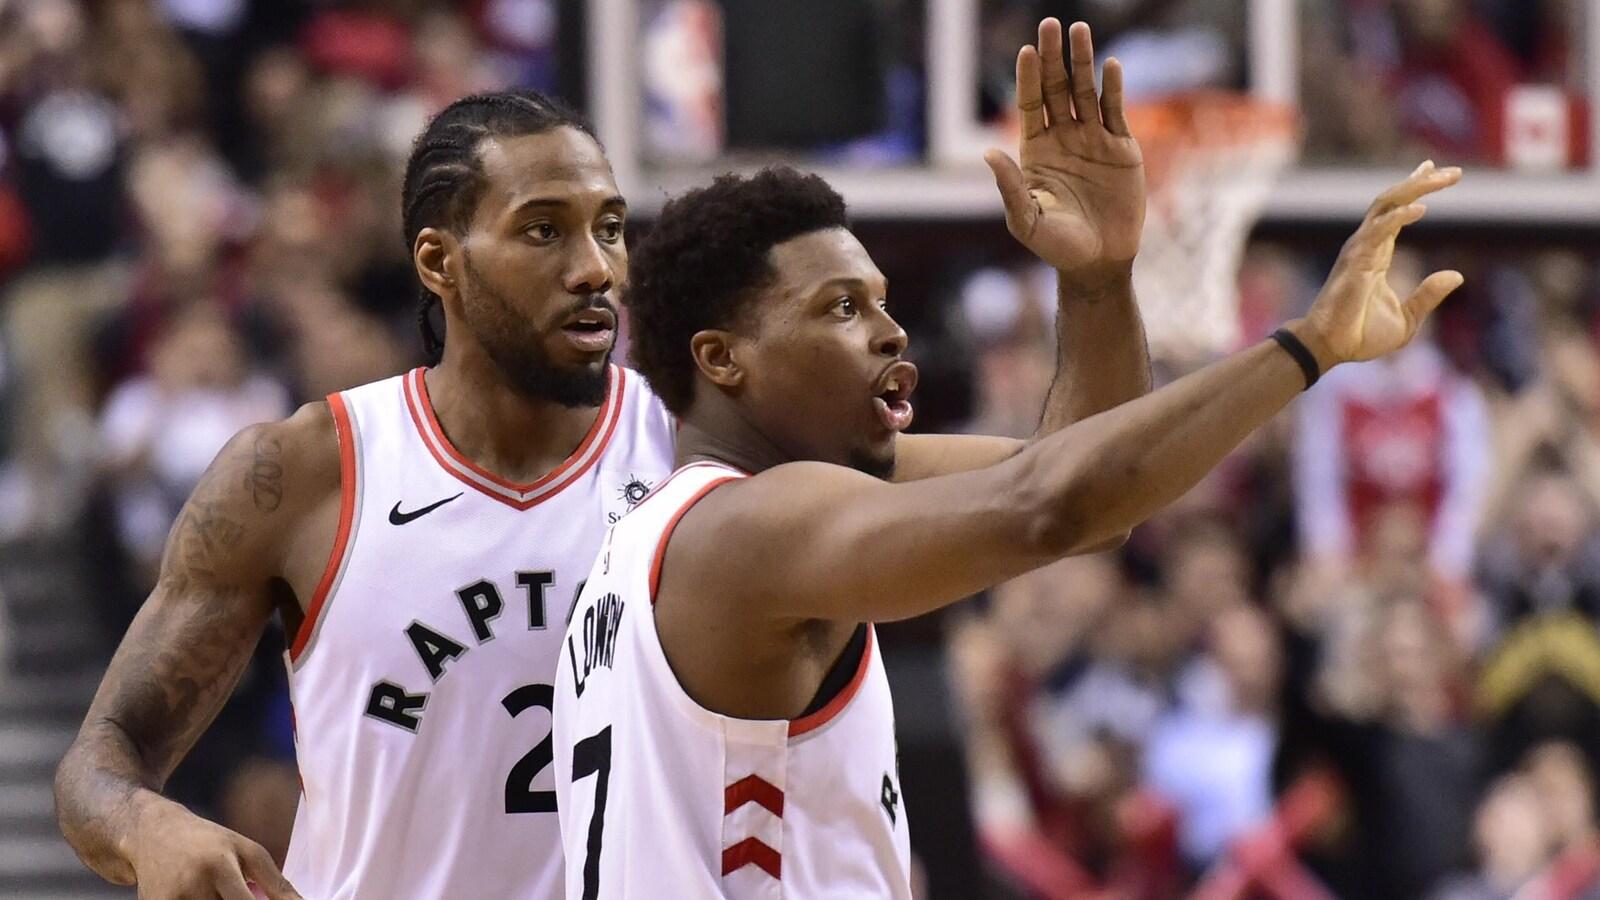 Deux joueurs de basketball sur le terrain